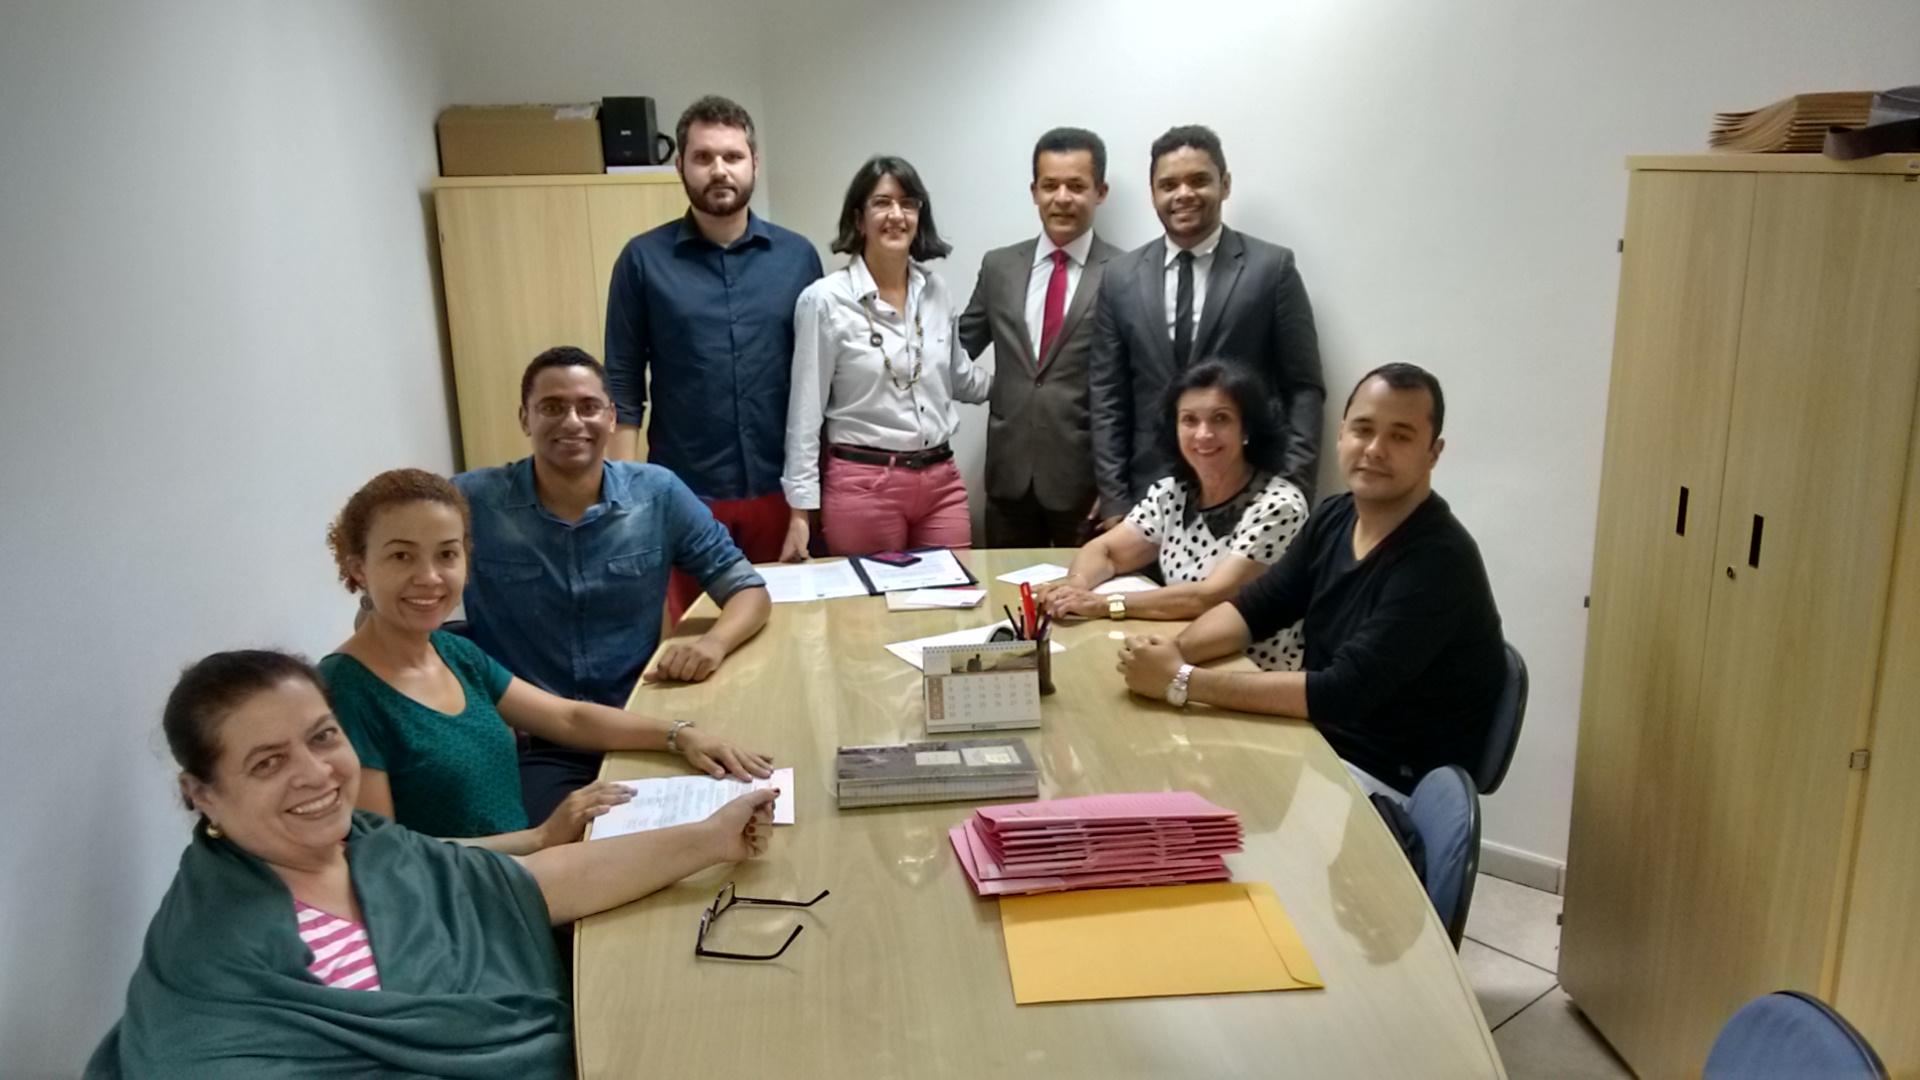 Conselho realiza julgamento de escolas públicas estaduais de Minas (Foto: Divulgação)